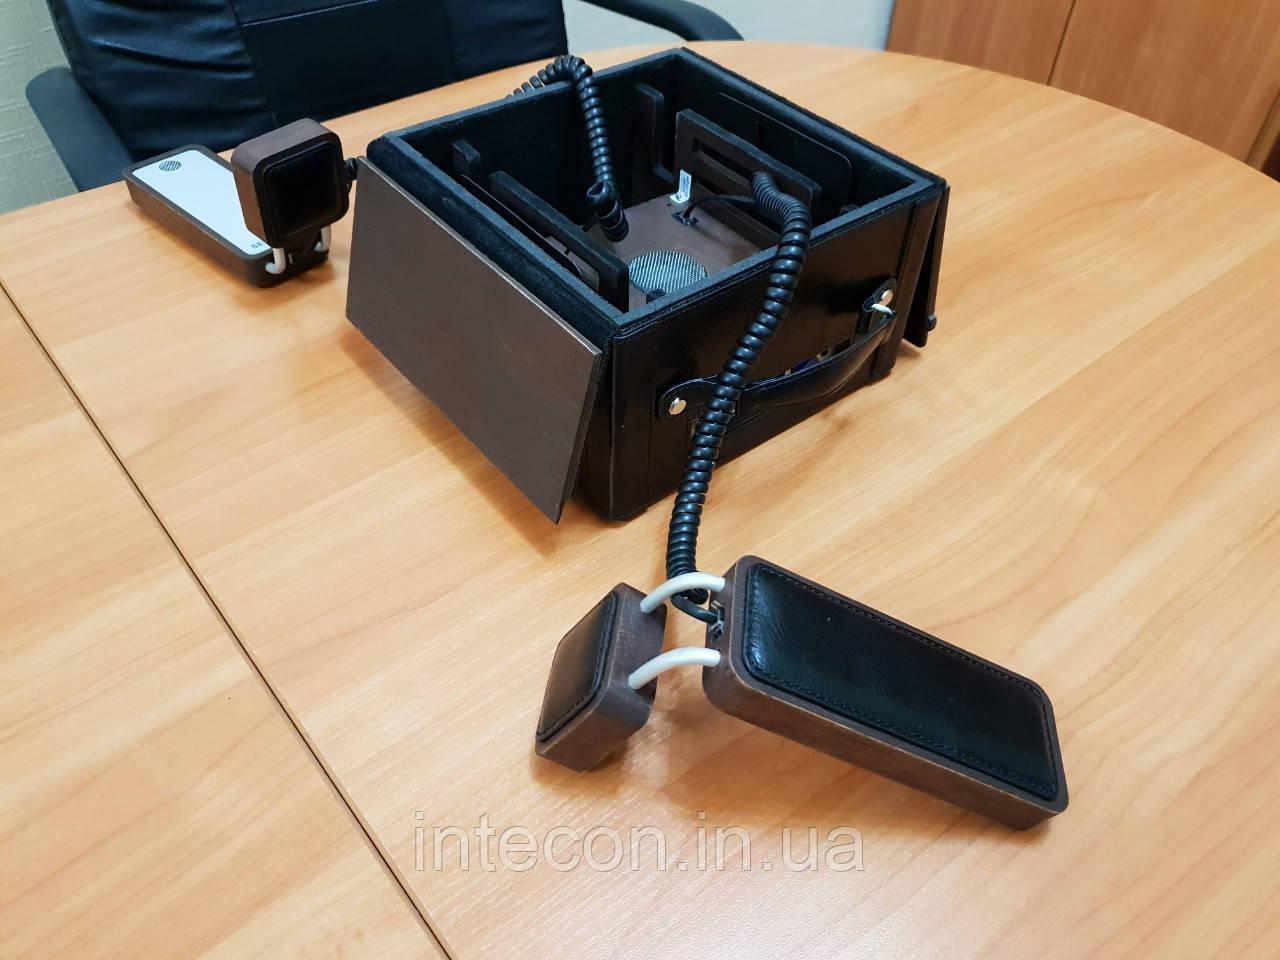 Устройство для проведение приватных переговоров+ акустический сейф INTECON SEGMENT-I